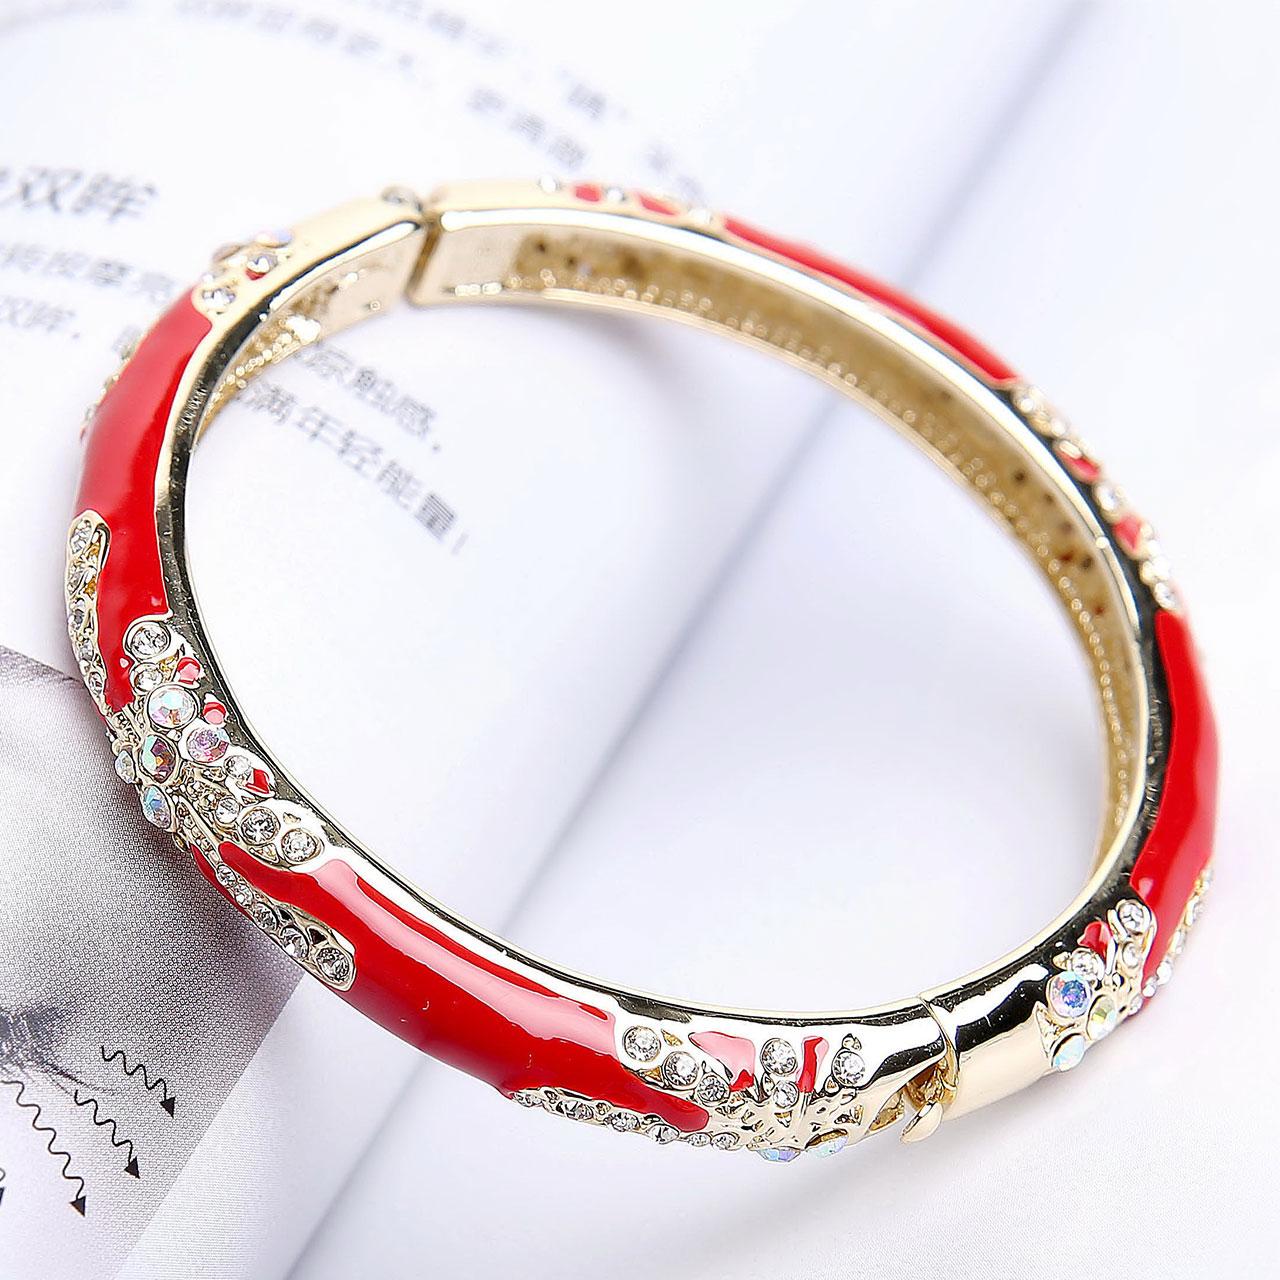 Ретро перегородчатой браслет женские модели личность позолоченный браслет браслет сын из страна отвезти старый иностранных творческий пекин характеристика подарок